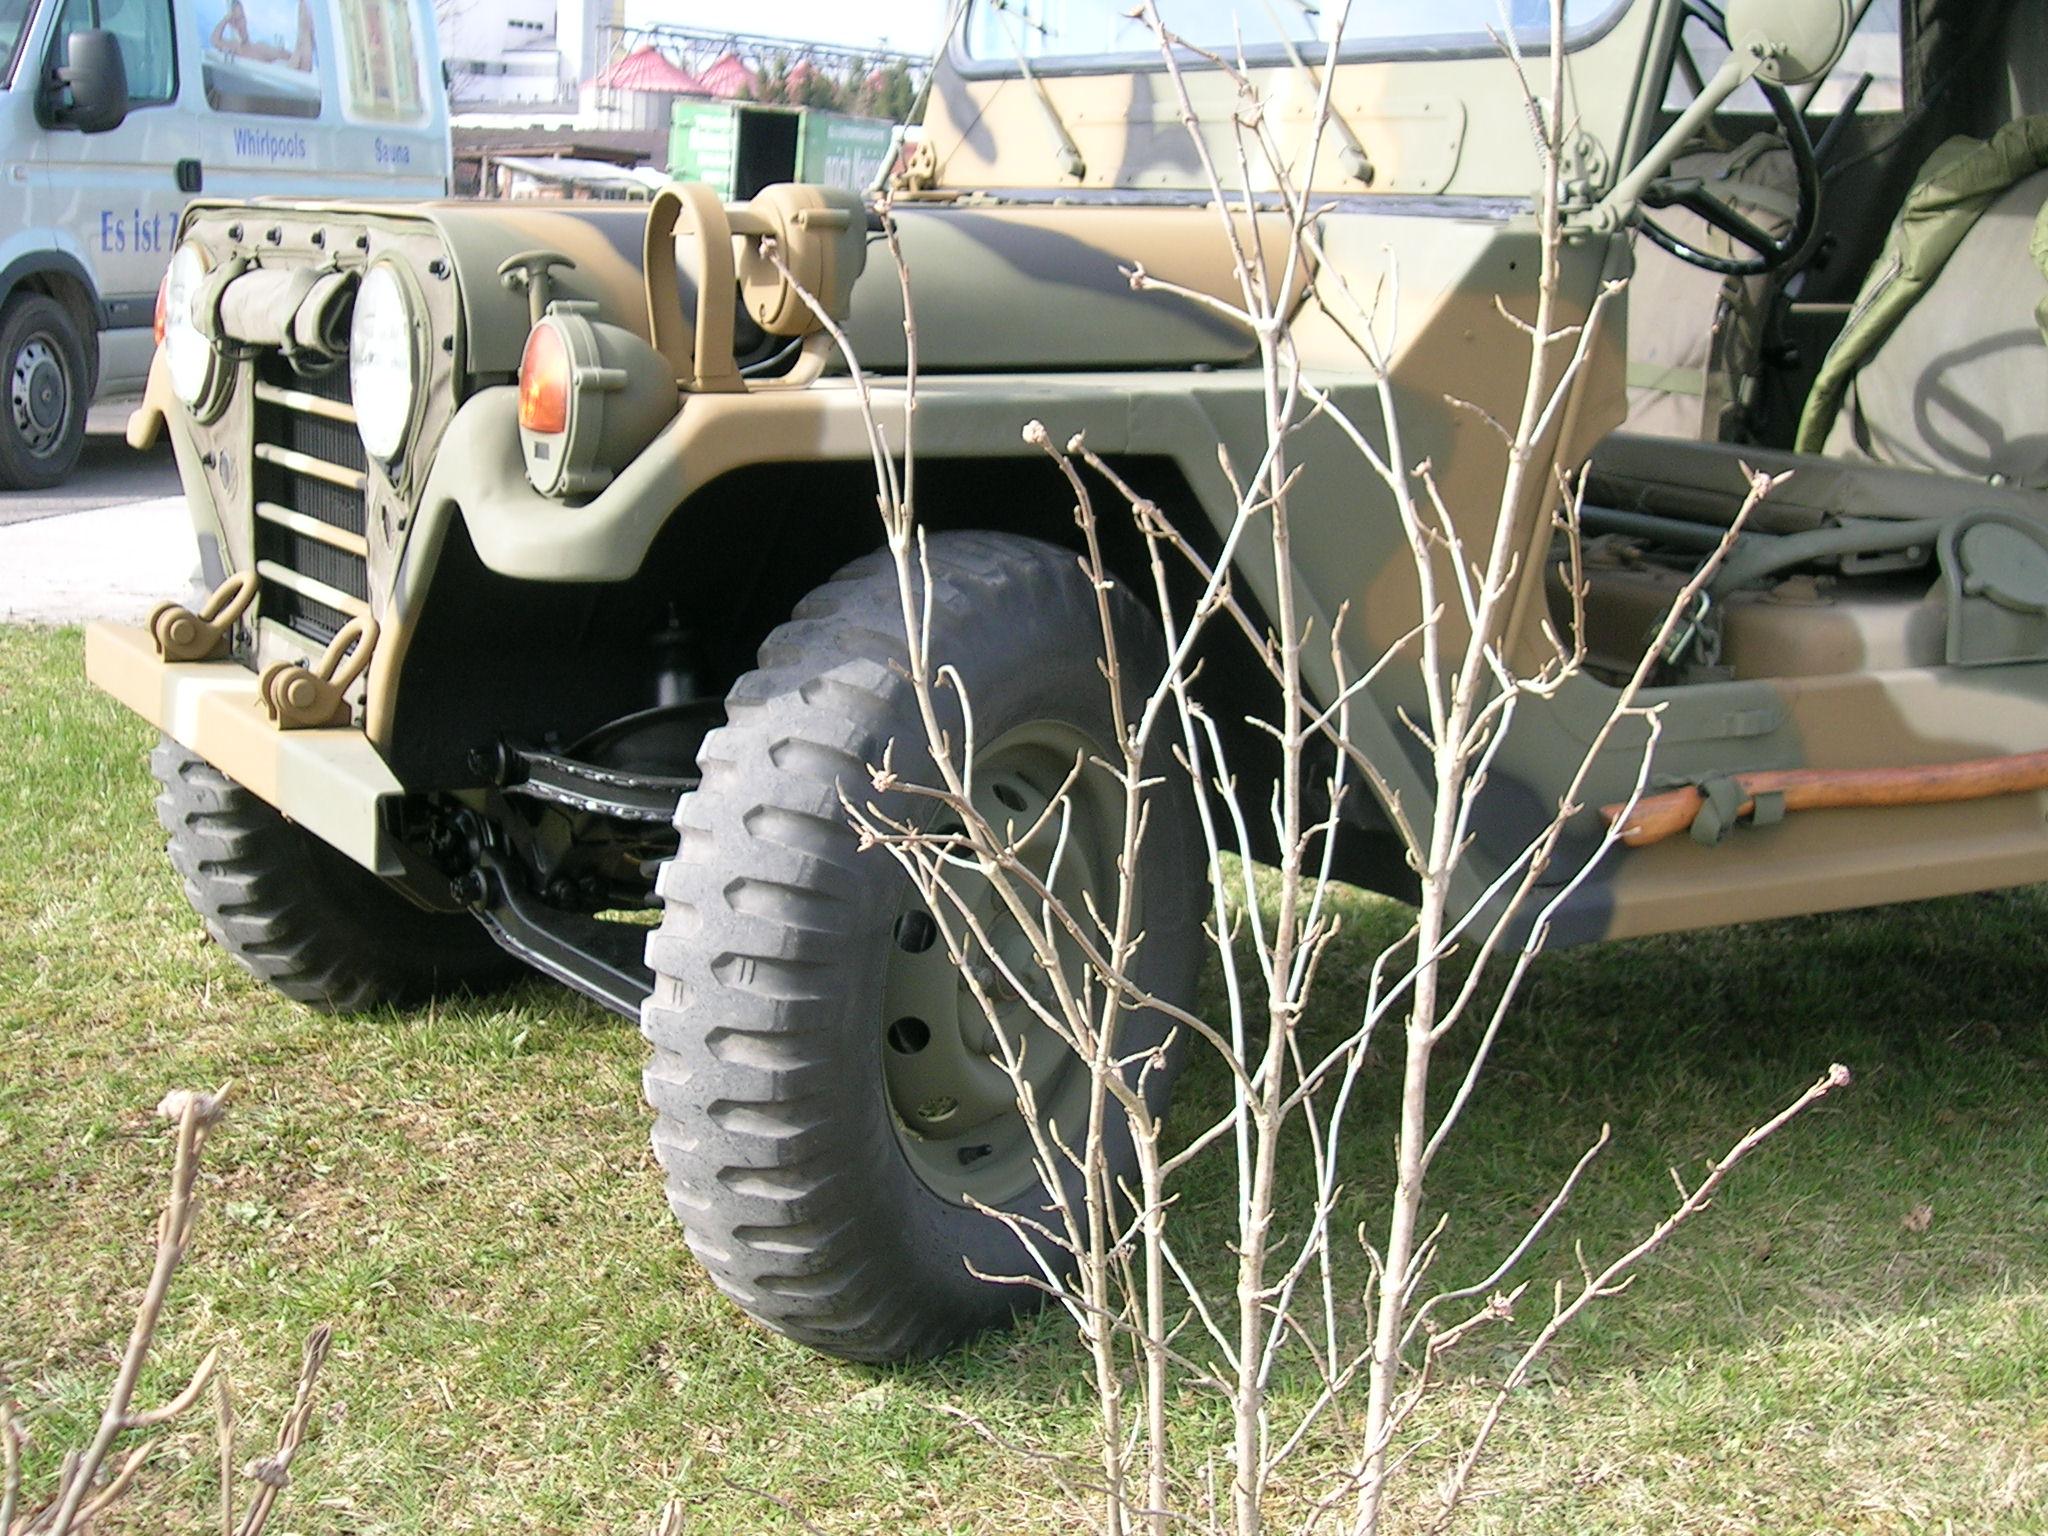 Mein Ford Mutt M151 A2 in der Sonne